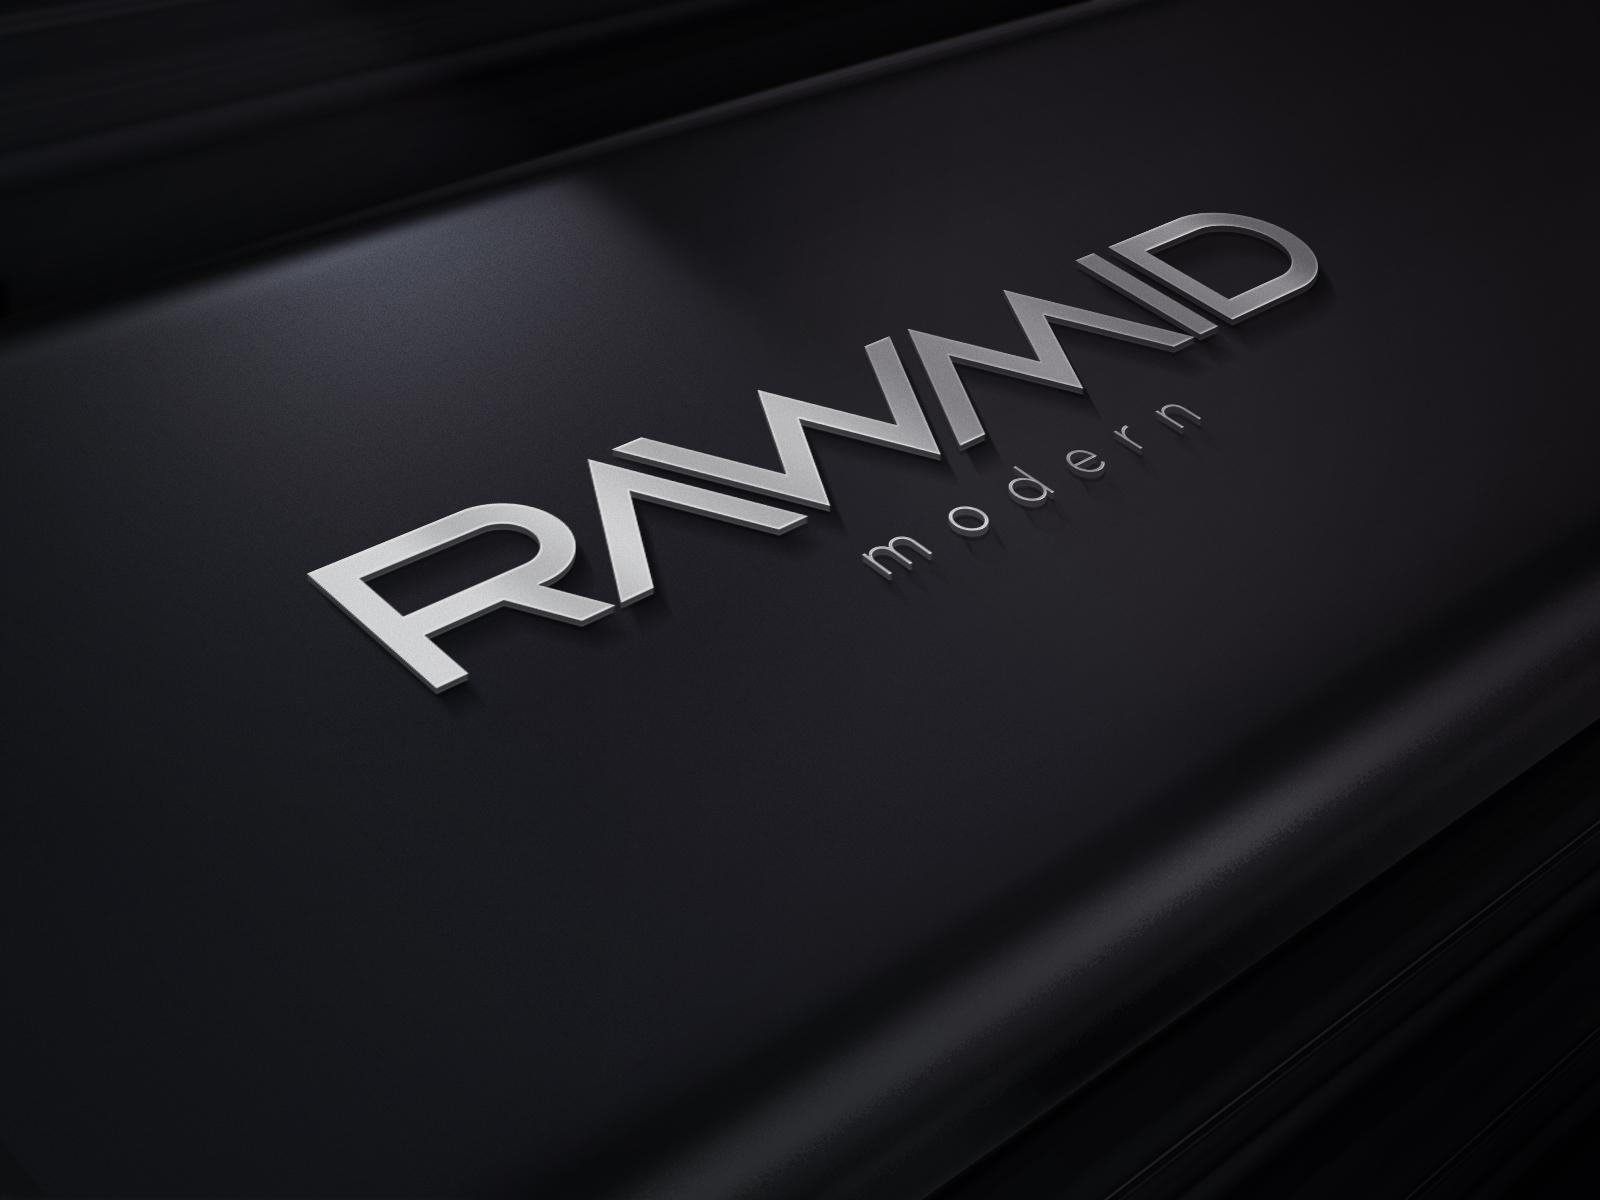 Создать логотип (буквенная часть) для бренда бытовой техники фото f_8855b33d11222b64.jpg